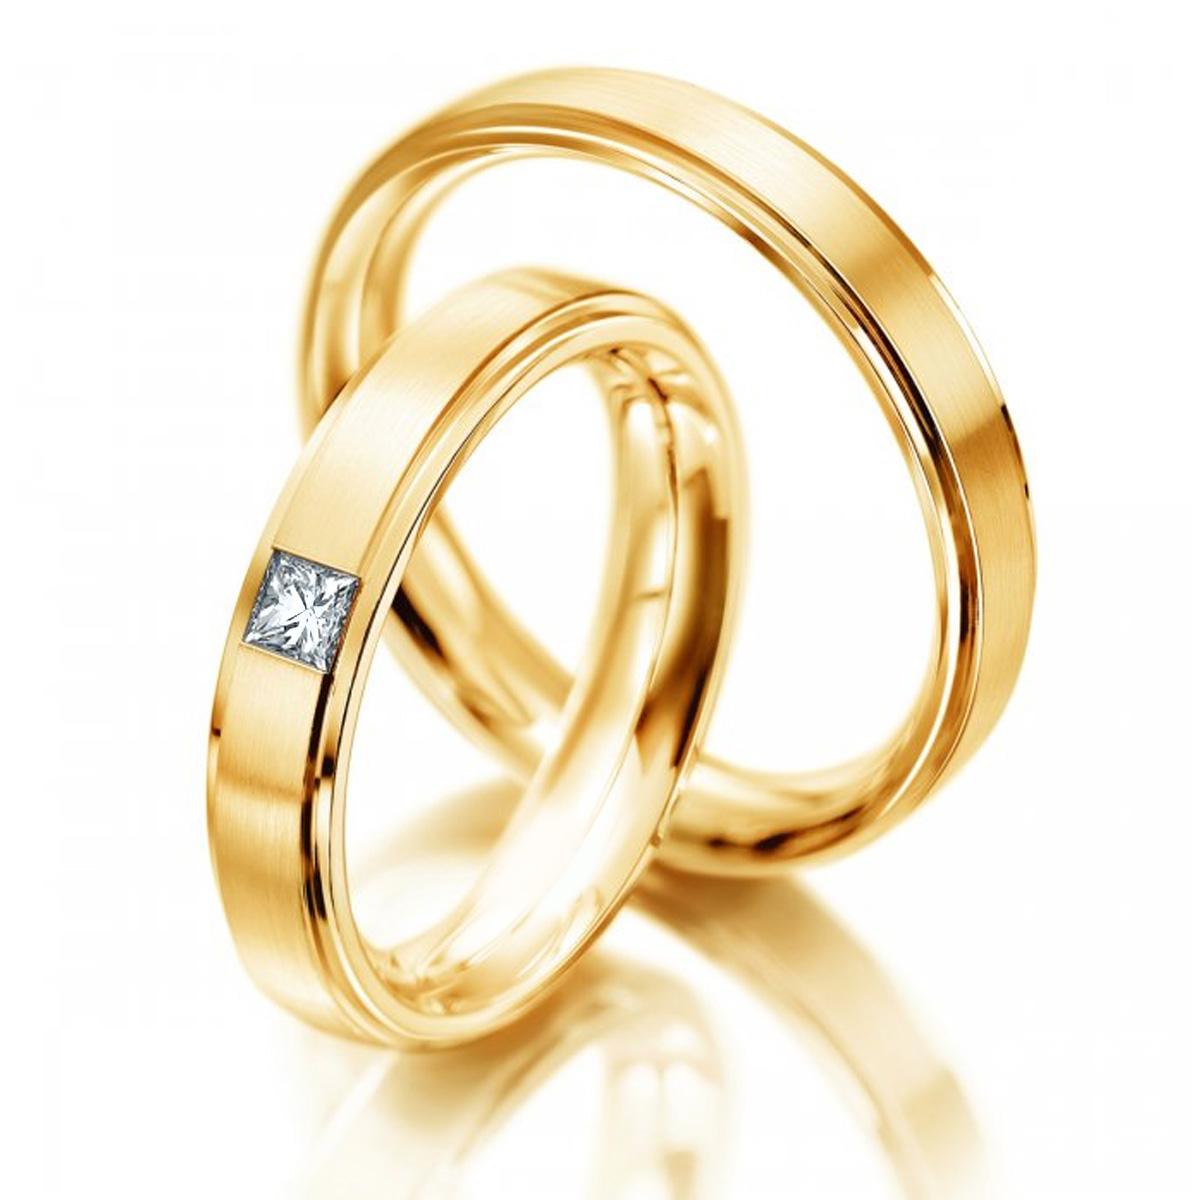 Alian�a em Ouro 18k Niteroi de Casamento